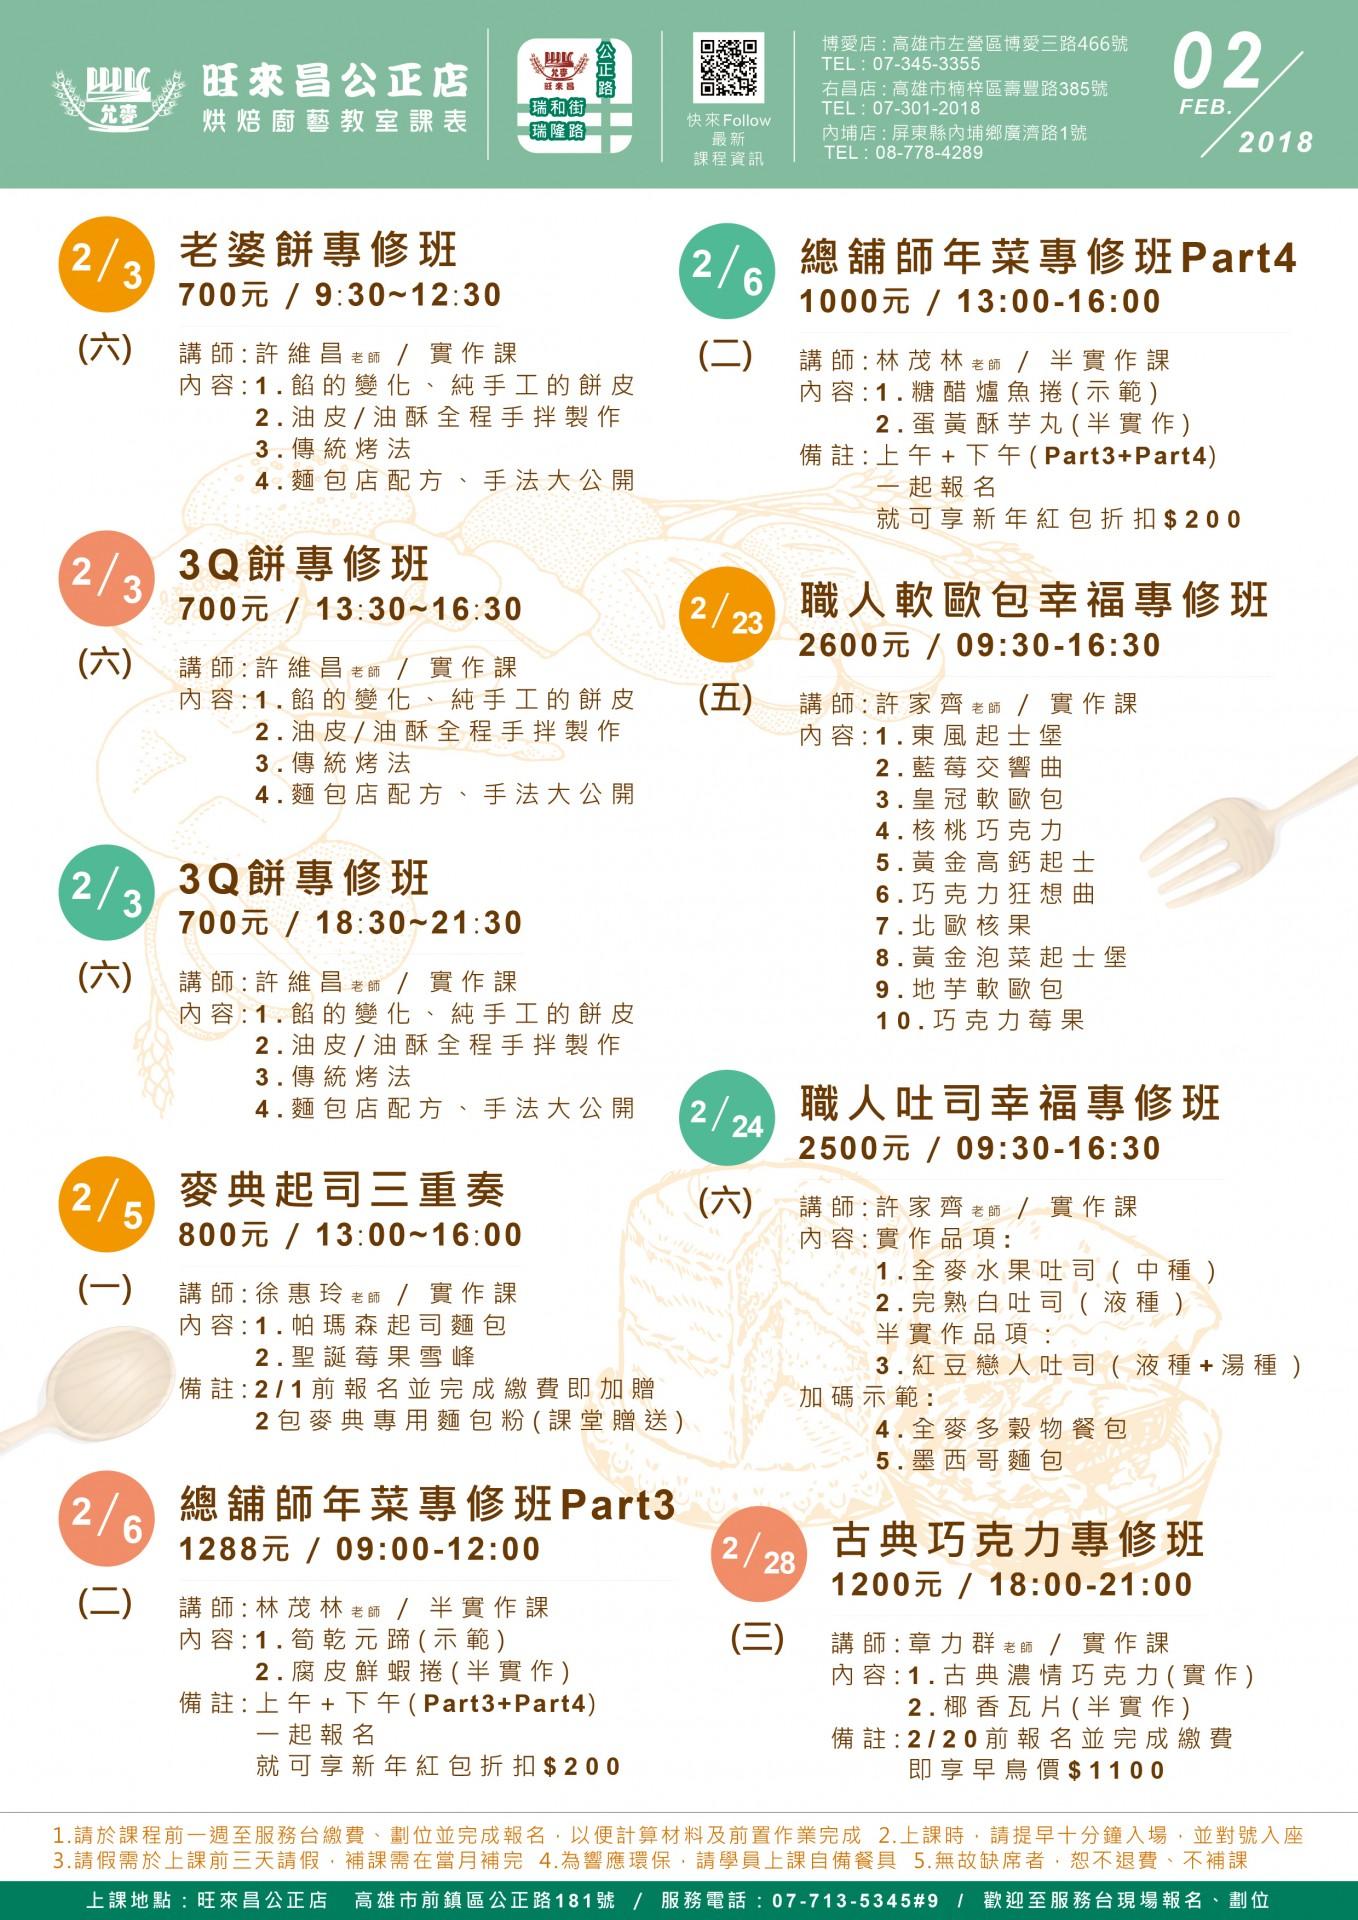 2018年2月公正店課表